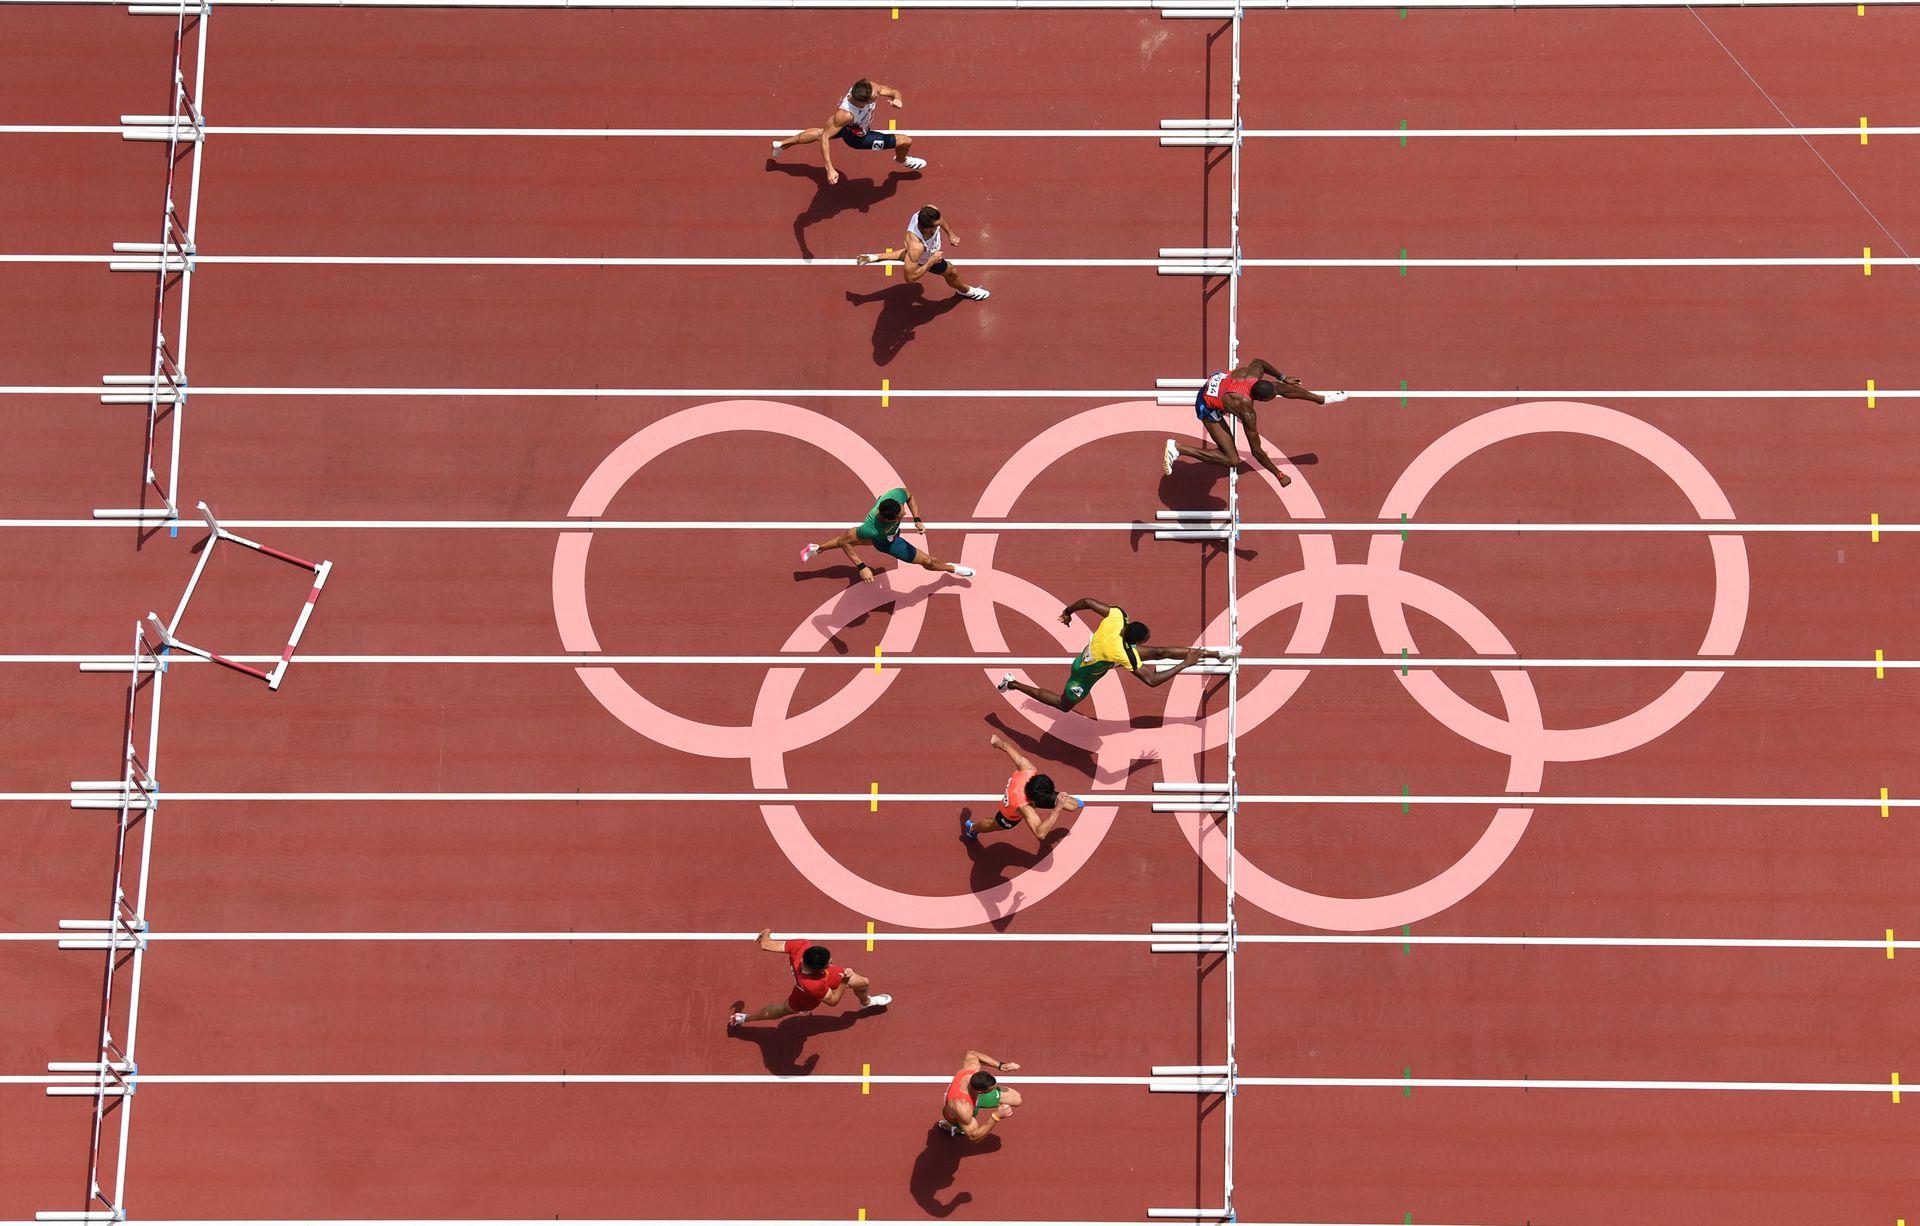 Grant Holloway (R) de EE. UU. Compite para ganar las semifinales masculinas de 110 metros con vallas